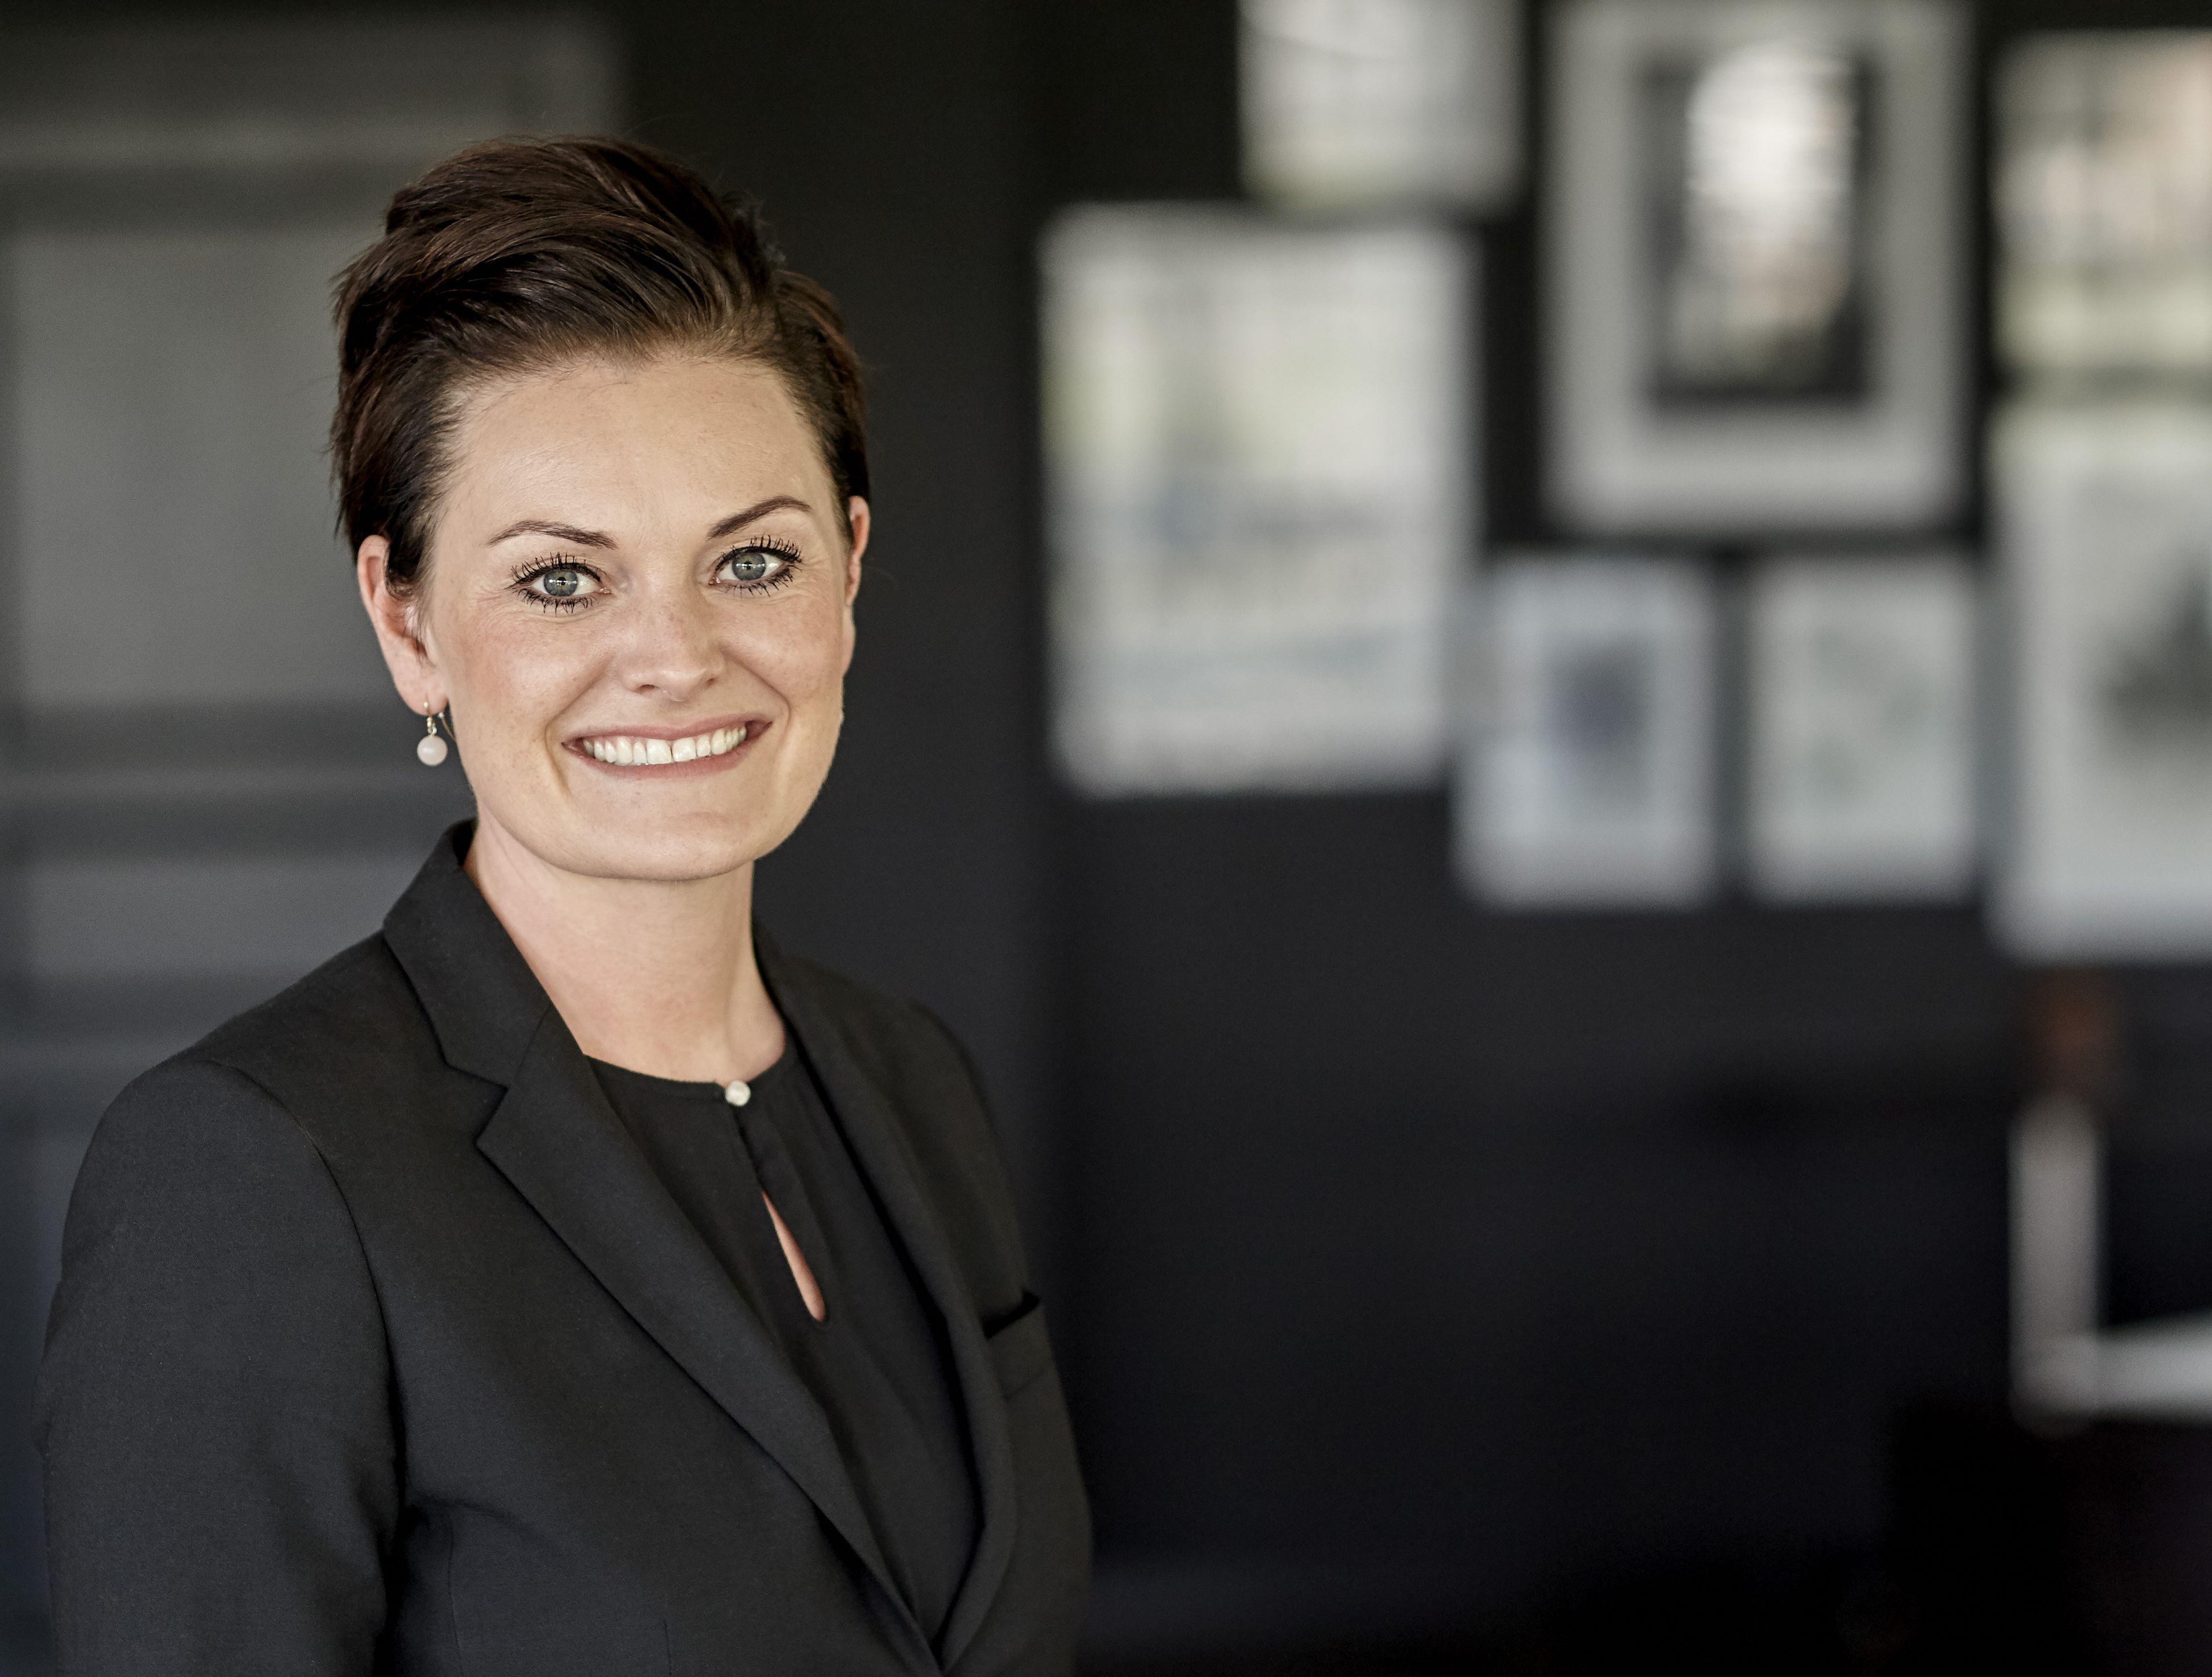 Den nuværende hotelchef på Comwell Sorø, Ninna Stæhr-Petersen, bliver hoteldirektør Comwell H.C. Andersen Odense. Hendes afløser i Sorø er fundet. Også på Comwells to hoteller ved Storebælt kommer der ny direktør. Foto: Comwell Hotels.